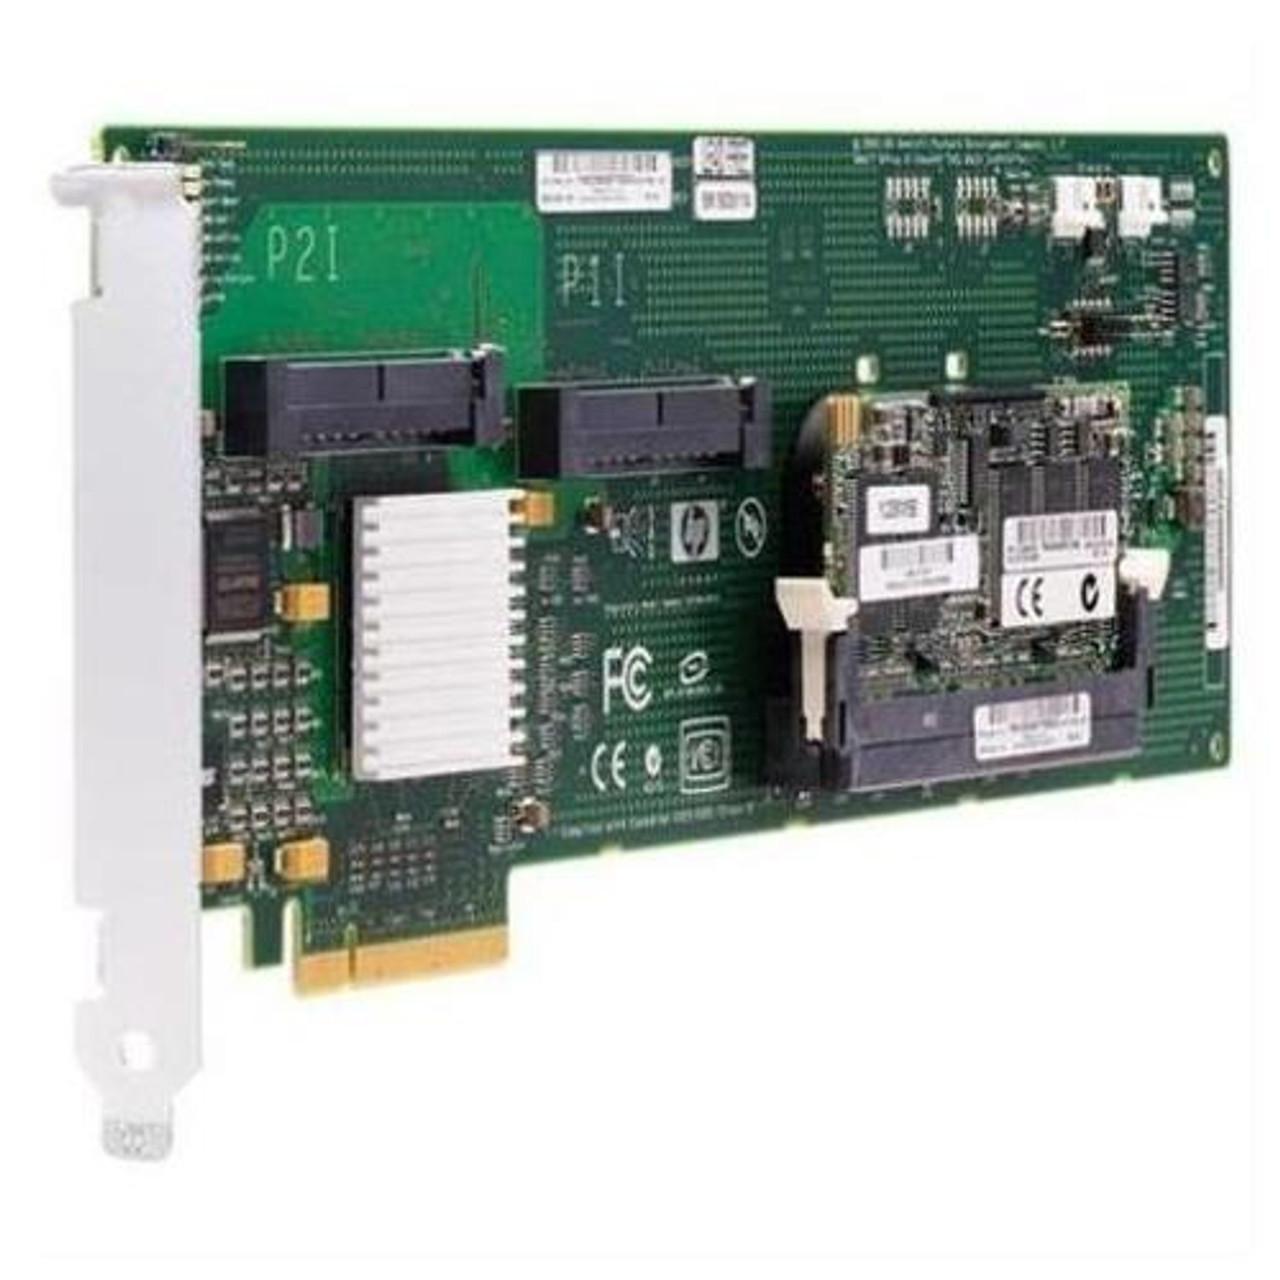 Compaq 226593-B21 PCI-64 Ultra160 SCSI Controller